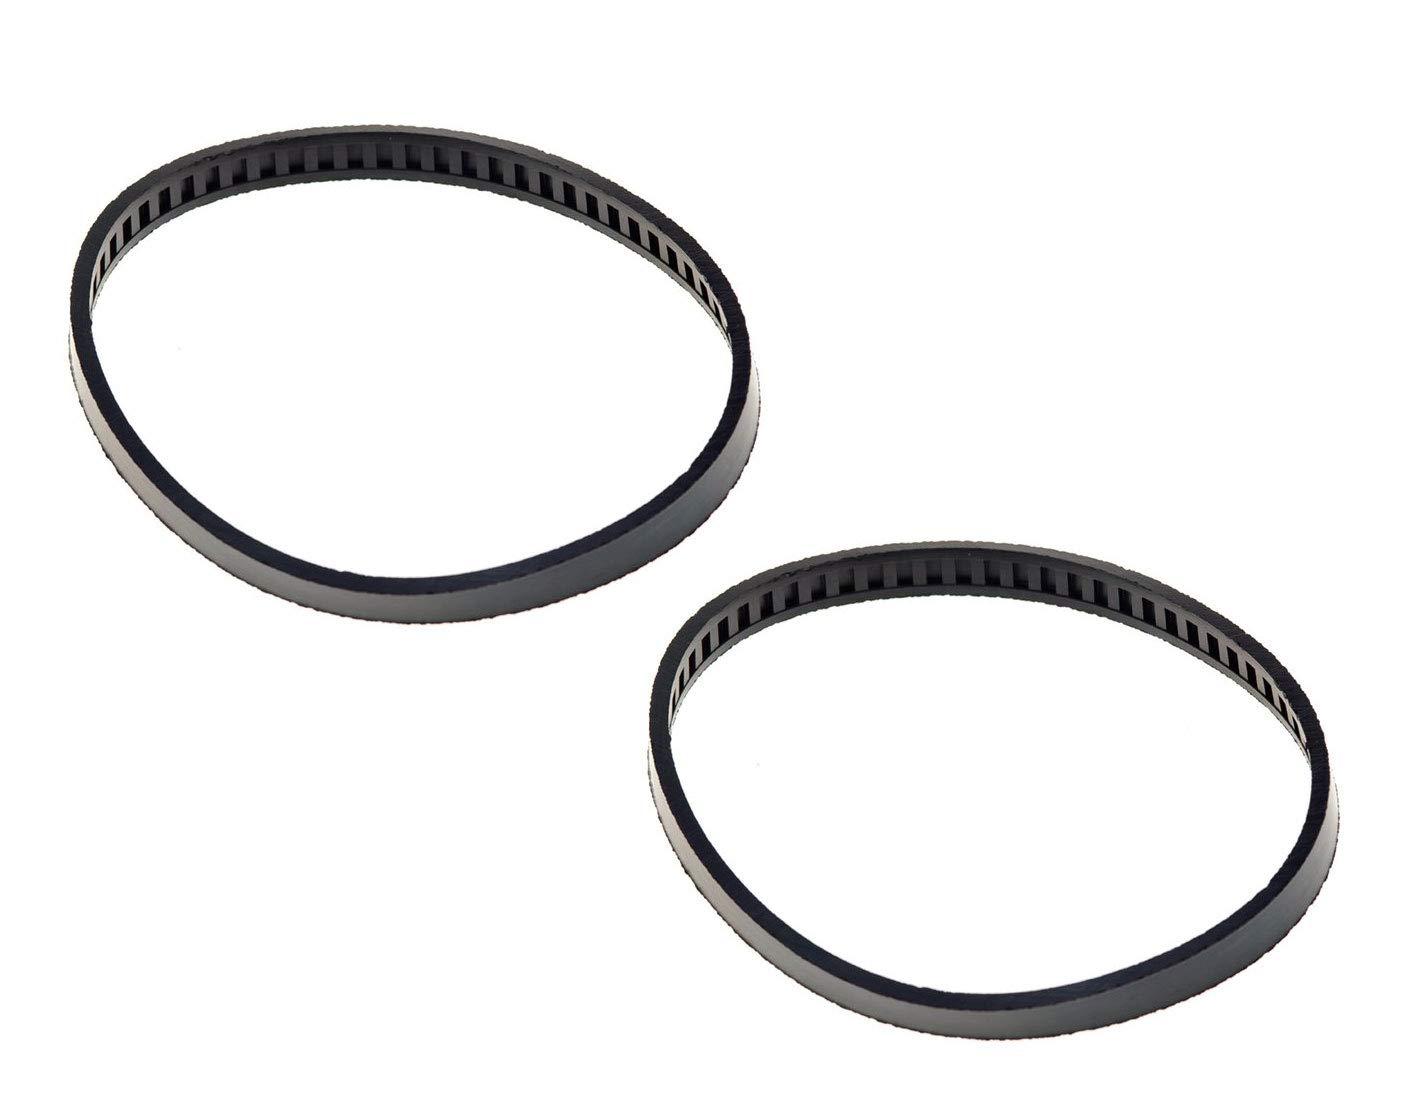 DeWalt 650721-00 Pack of 2 Rubber Tires for Bandsaws